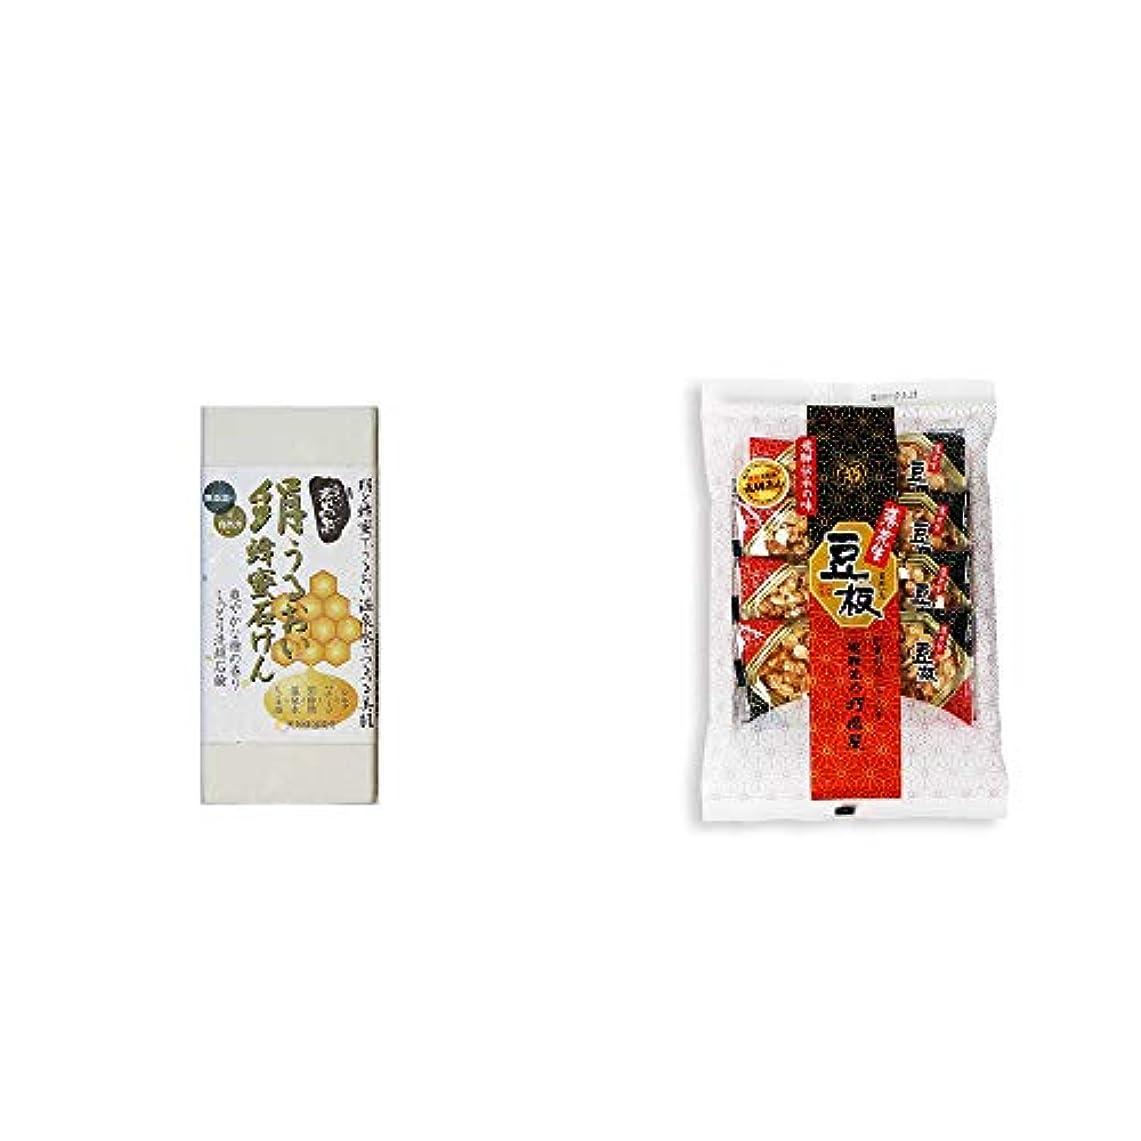 寺院平均優越[2点セット] ひのき炭黒泉 絹うるおい蜂蜜石けん(75g×2)?飛騨銘菓「打保屋」の駄菓子 豆板(8枚入)